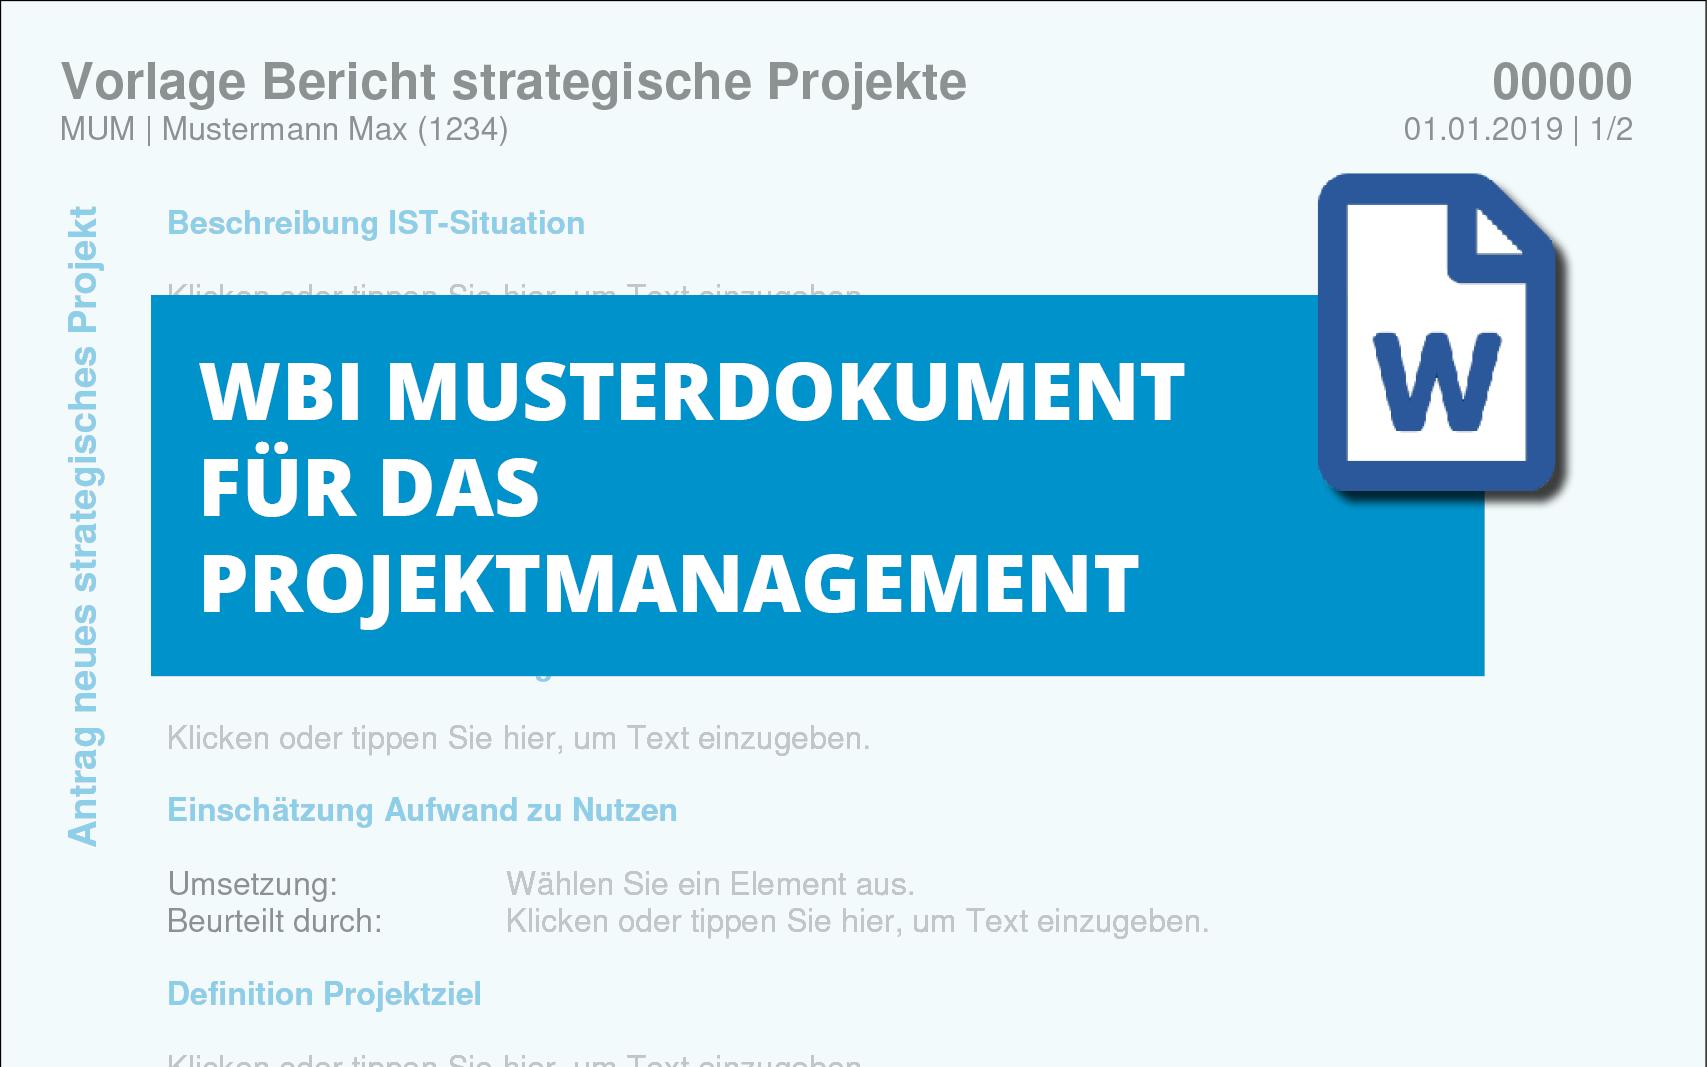 vorlage-bericht-strategische-projekte